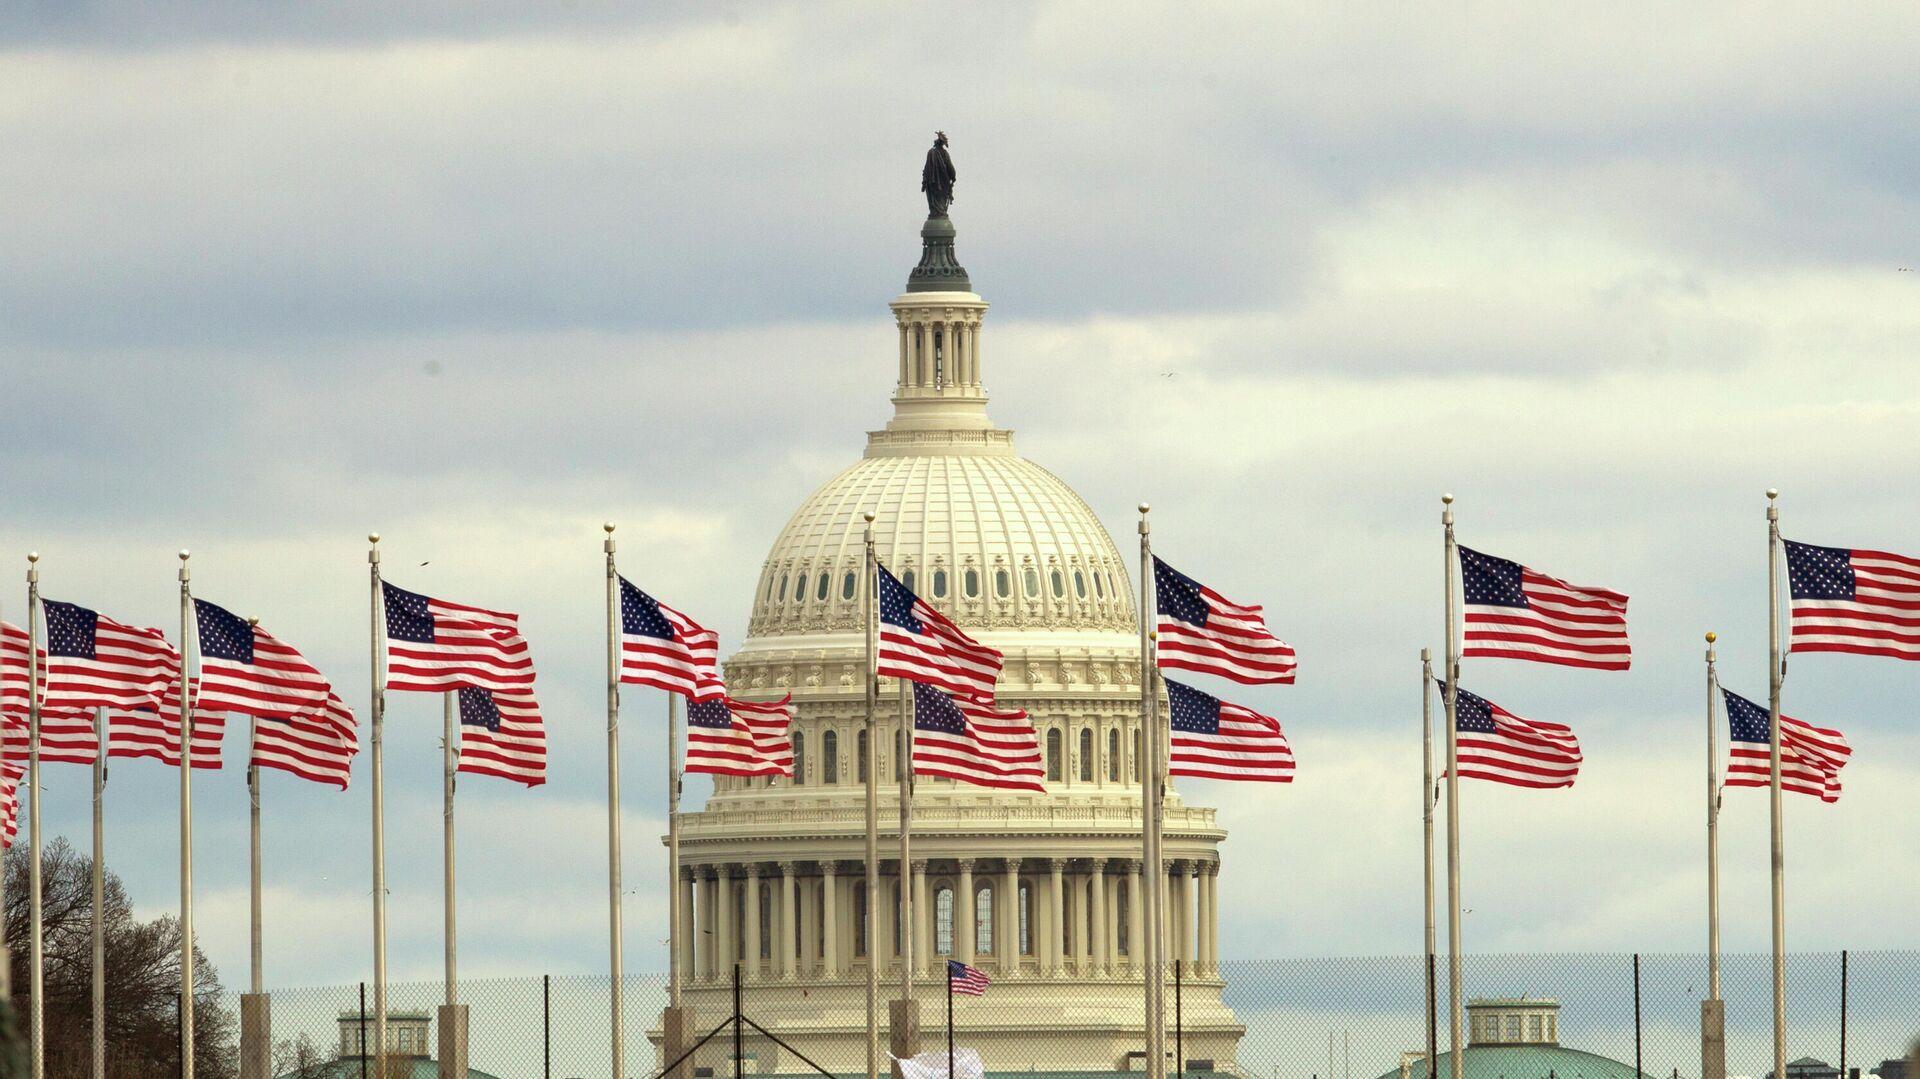 Здание Конгресса США на Капитолийском холме в Вашингтоне - РИА Новости, 1920, 14.10.2021